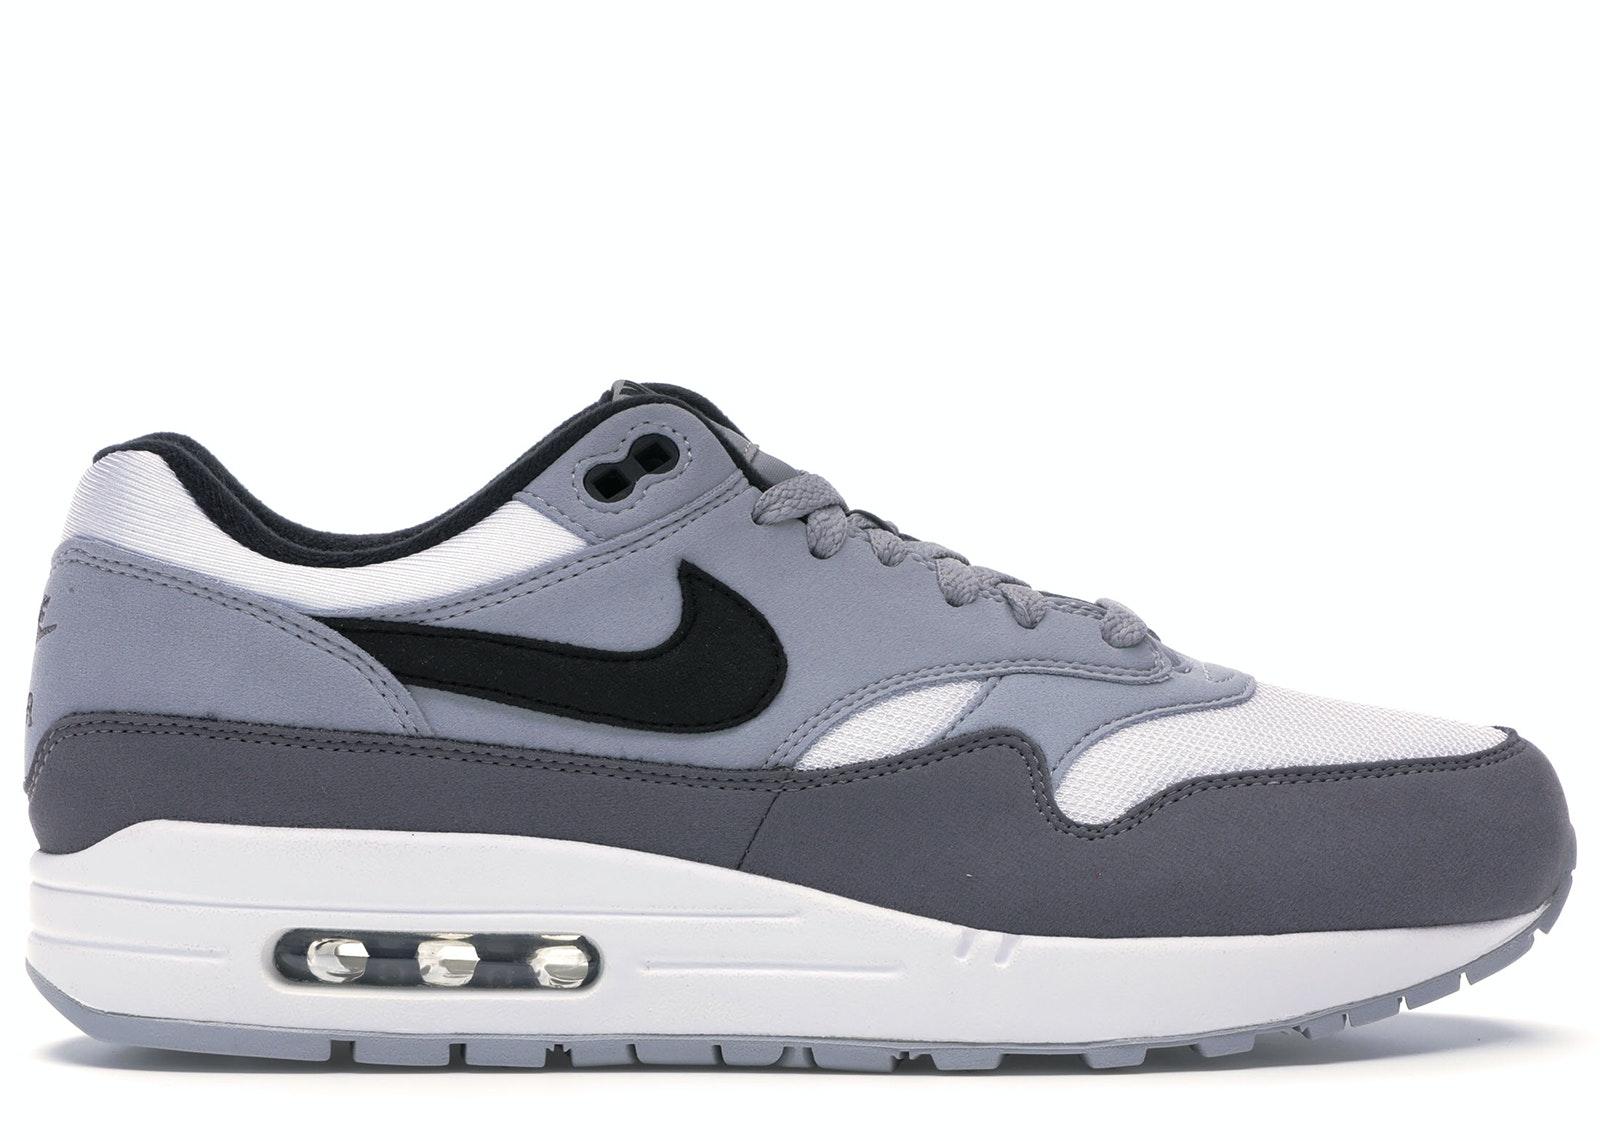 Air Max 1 White Black Wolf Grey